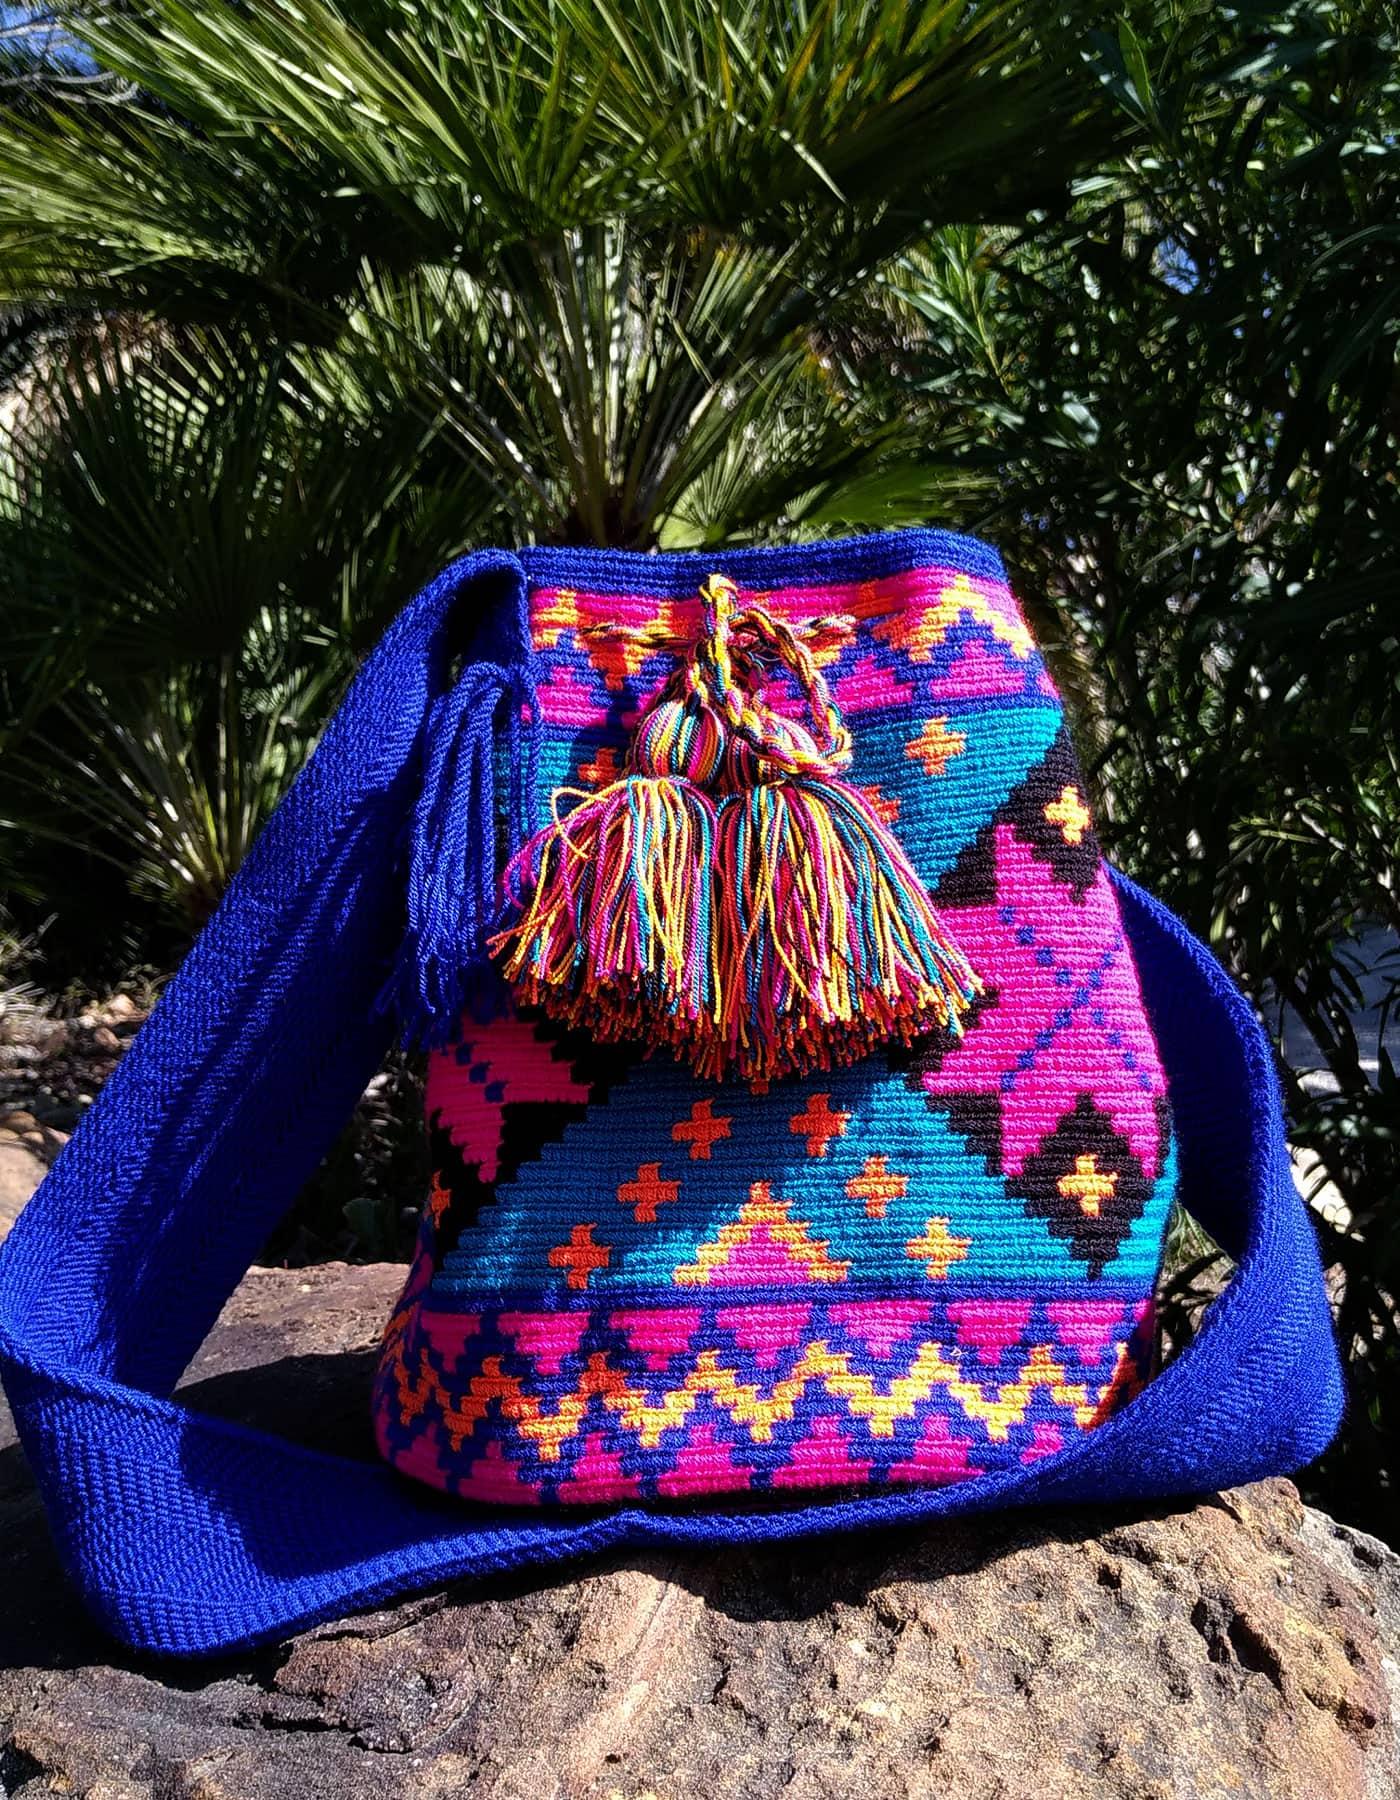 Bolso Wayuu Artesanal, Auténtico y Original (sólo 1 igual) con motivos tribales, azul, azul oscuro, cian, naranja claro y negro B